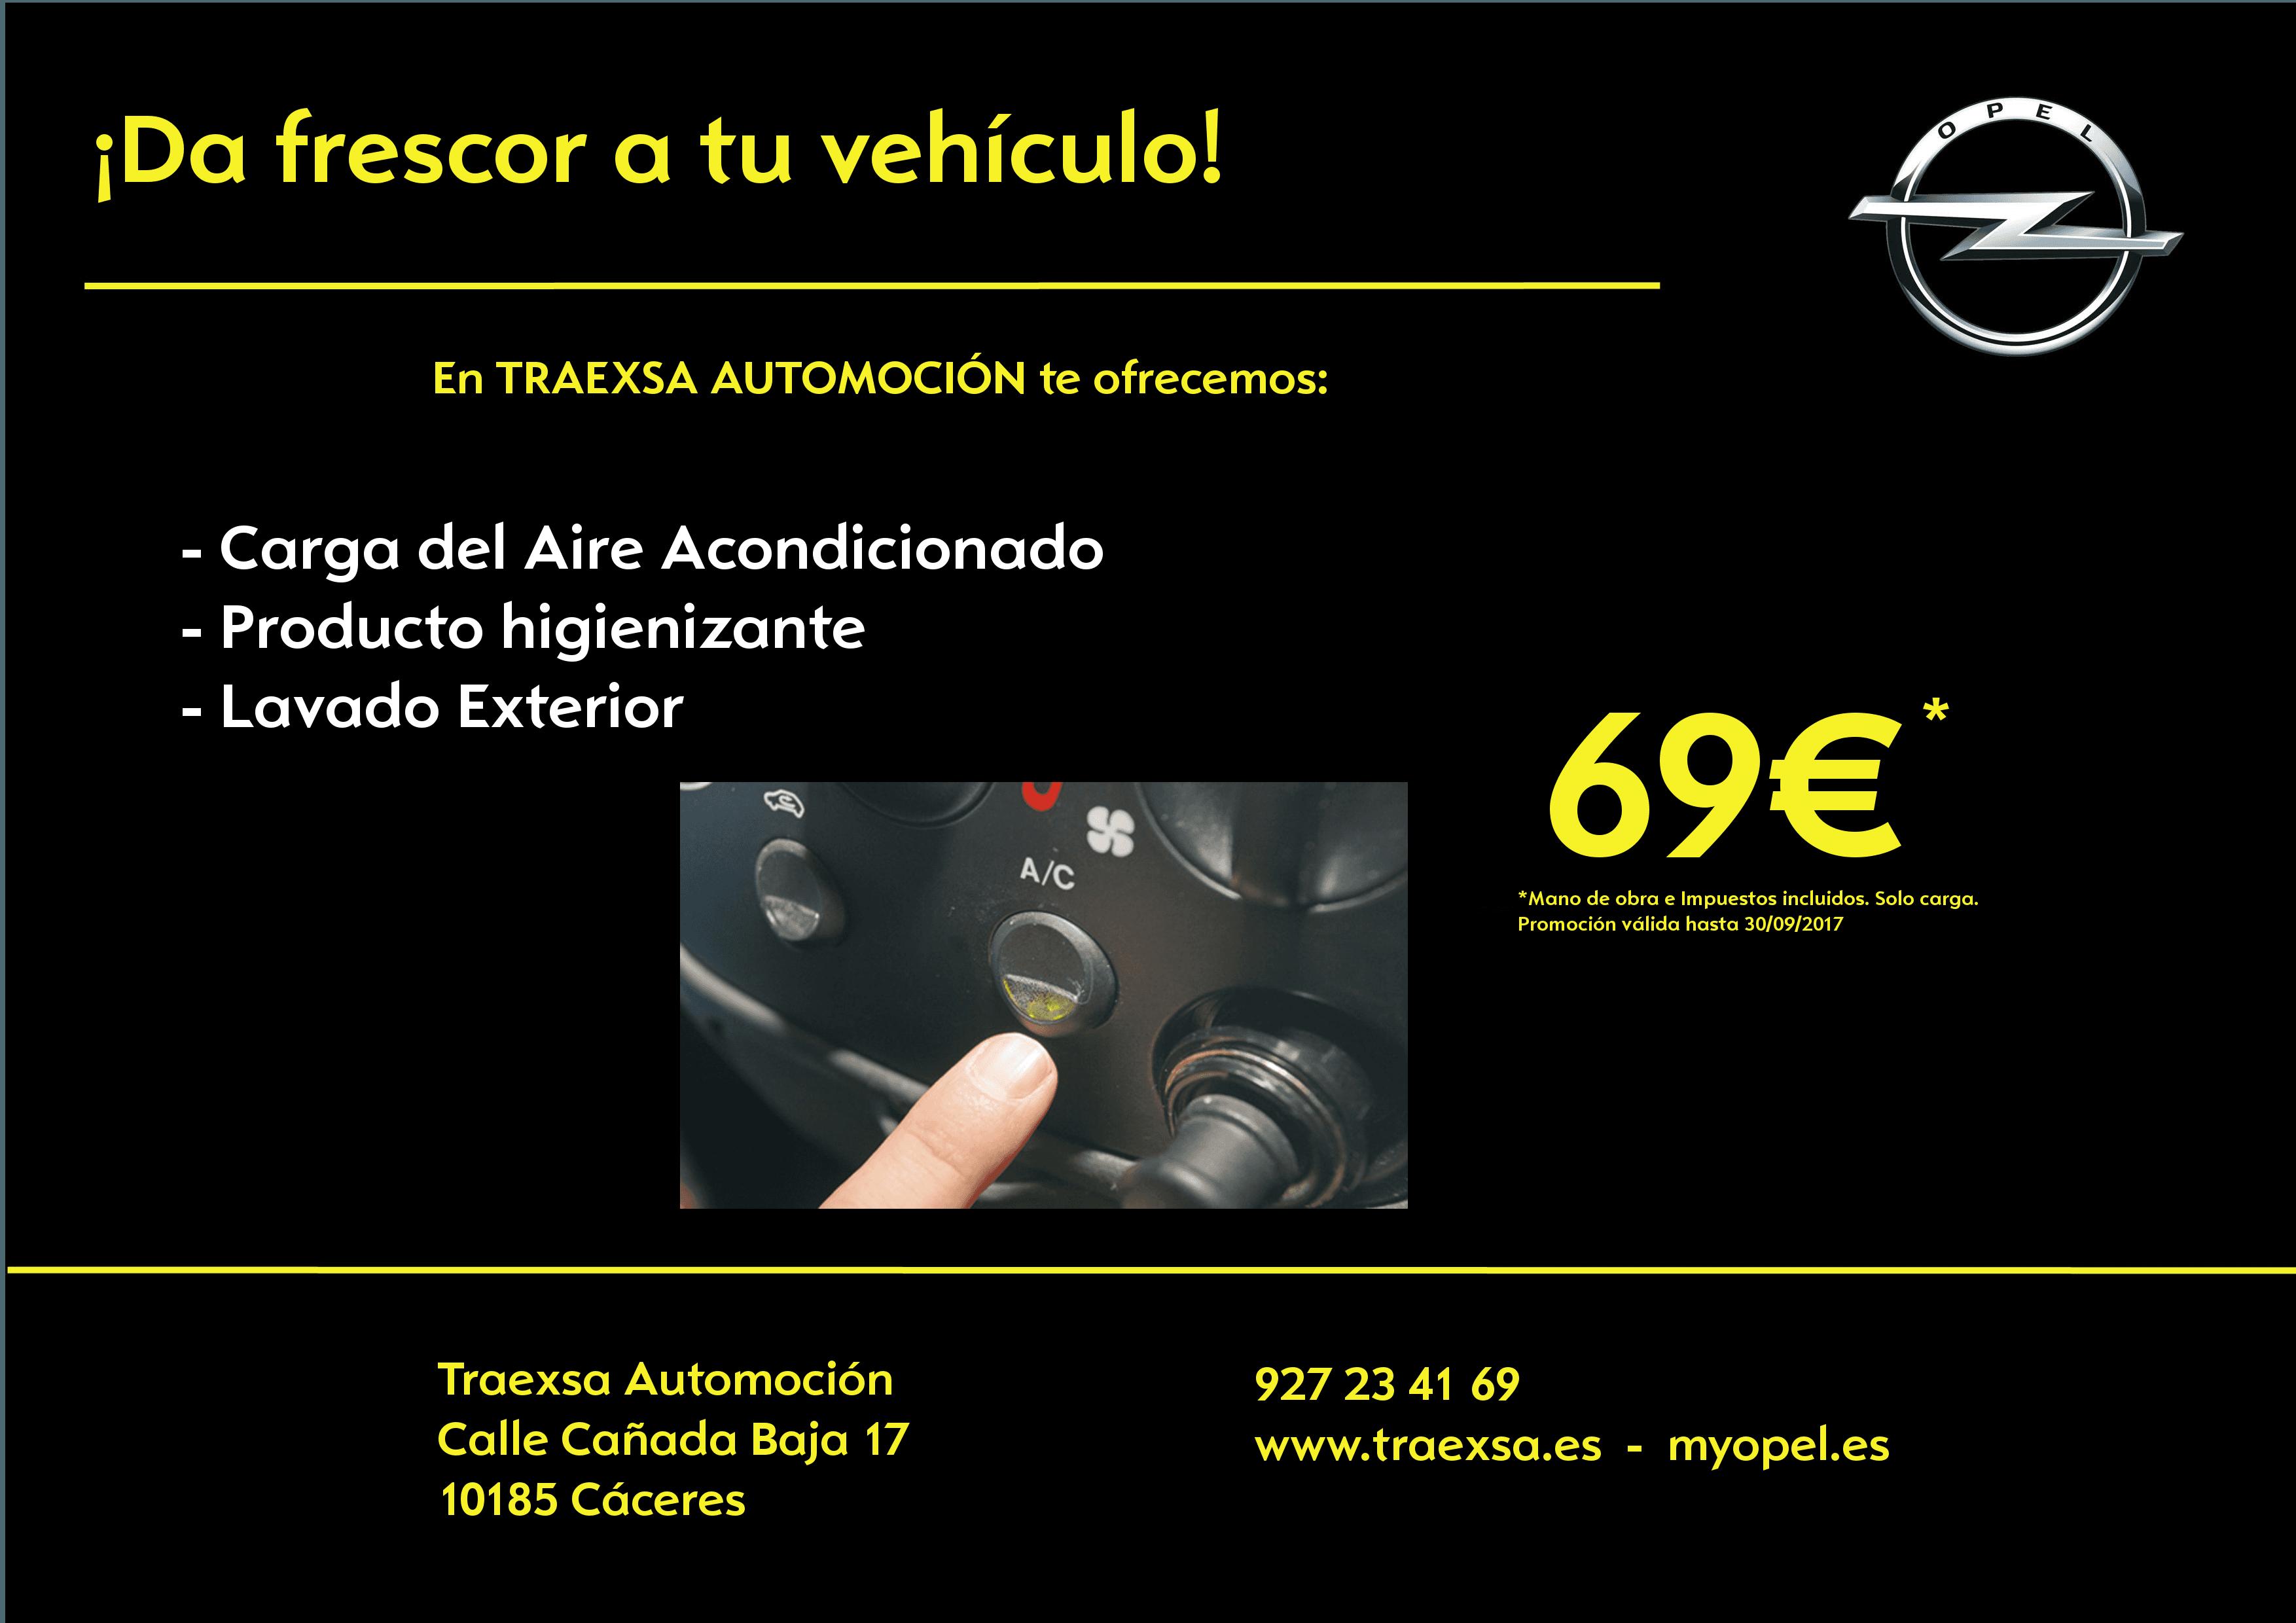 ¡DA FRESCOR A TU VEHÍCULO! Oferta carga aire acondicionado por 69€